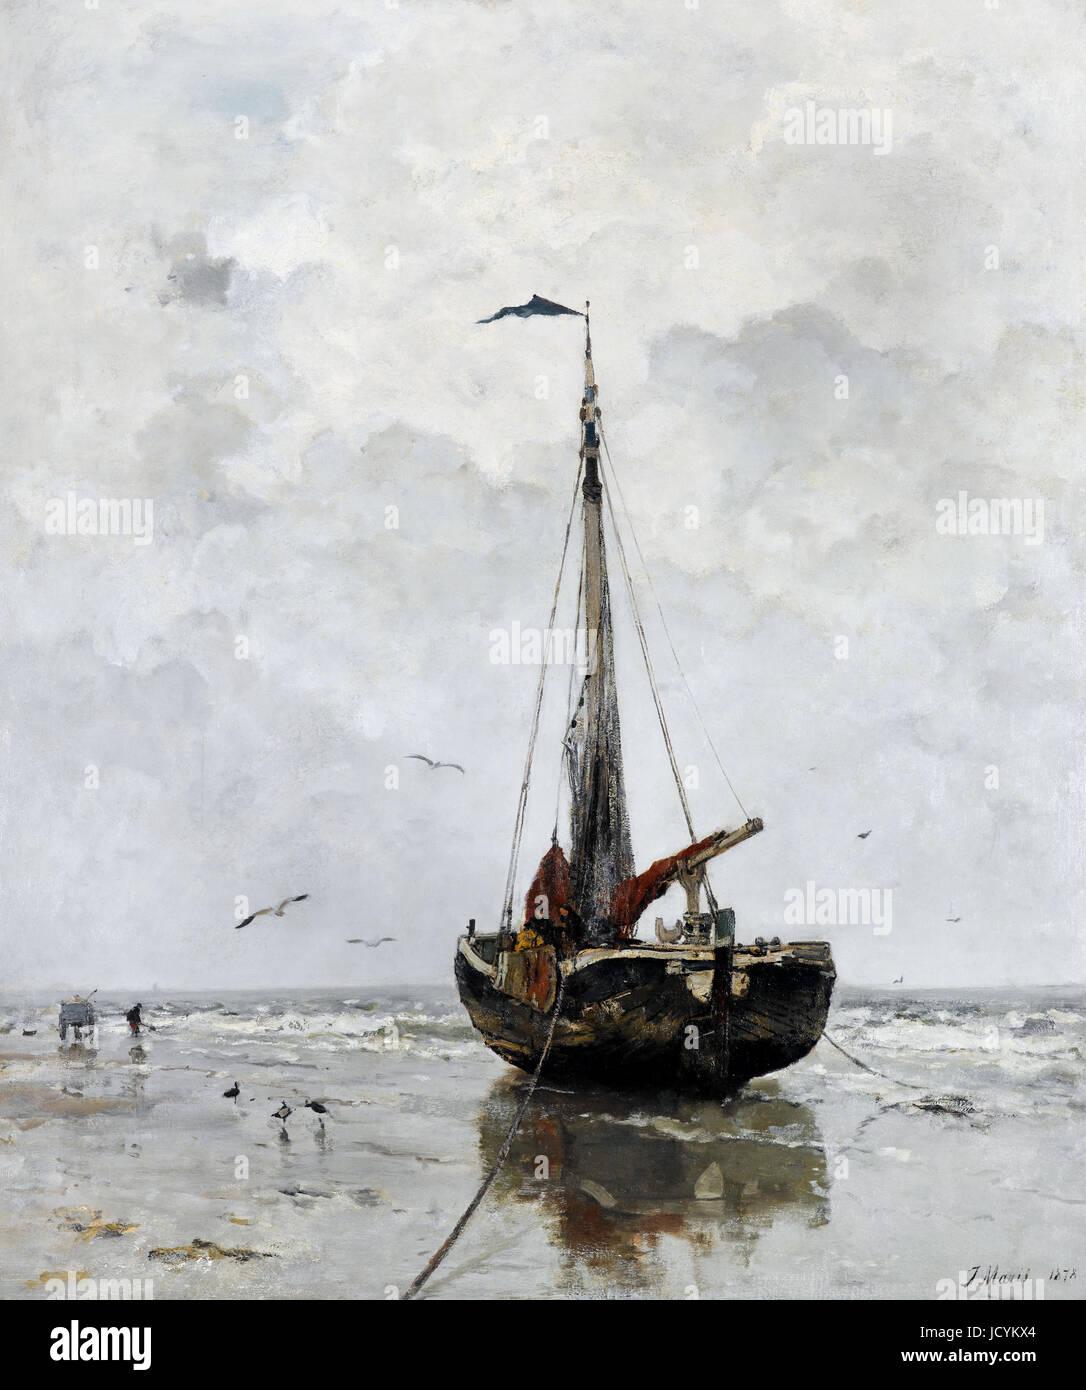 Jacob Maris, bateau de pêche 1878 Huile sur toile. Gemeentemuseum Den Haag, La Haye, Pays-Bas. Photo Stock